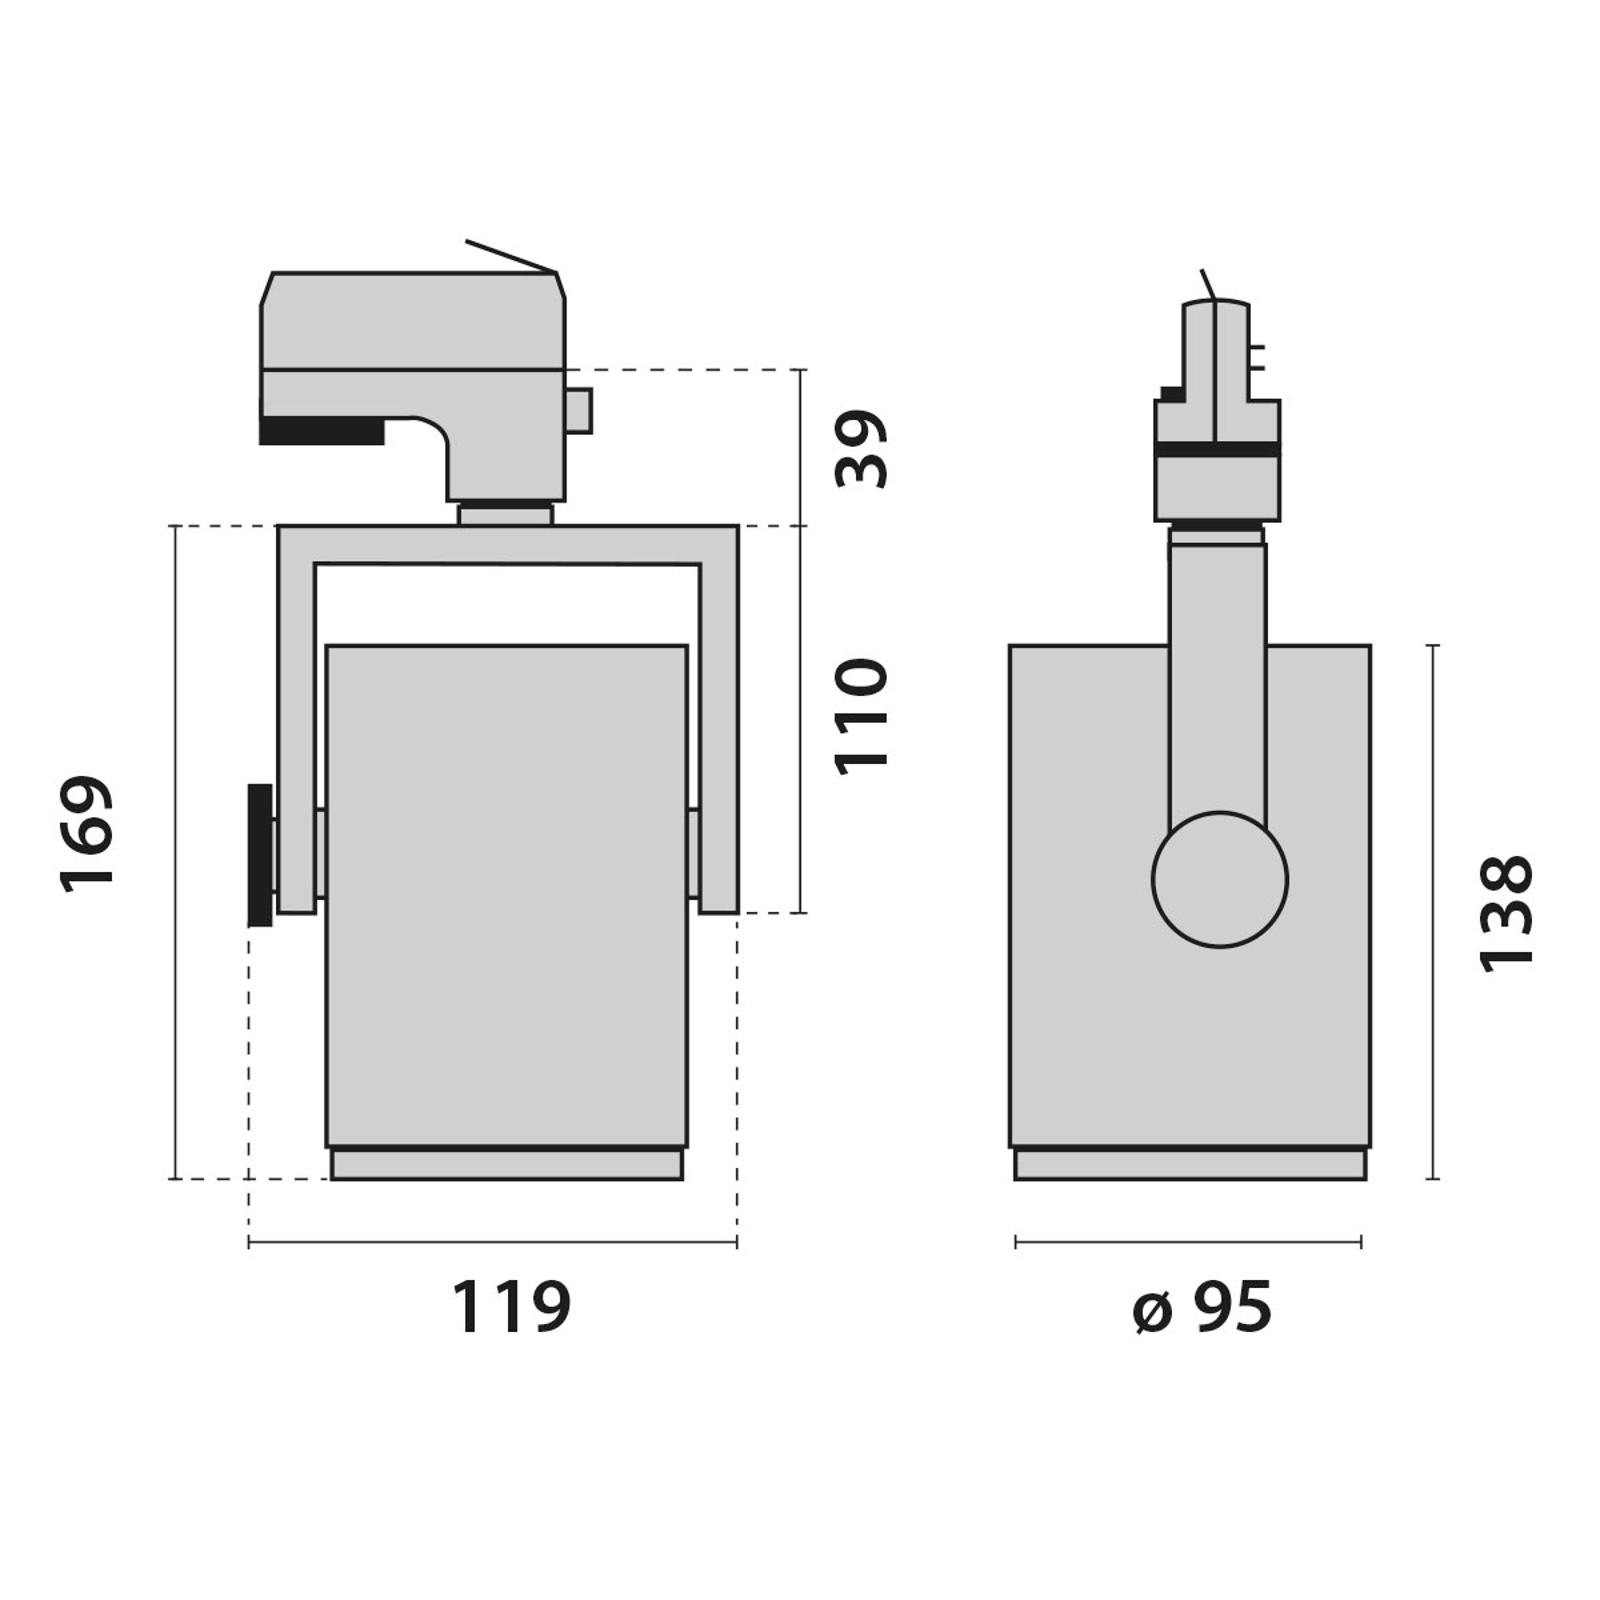 3-Phasen-Schienenstrahler AS425 LED Medium weiß ww